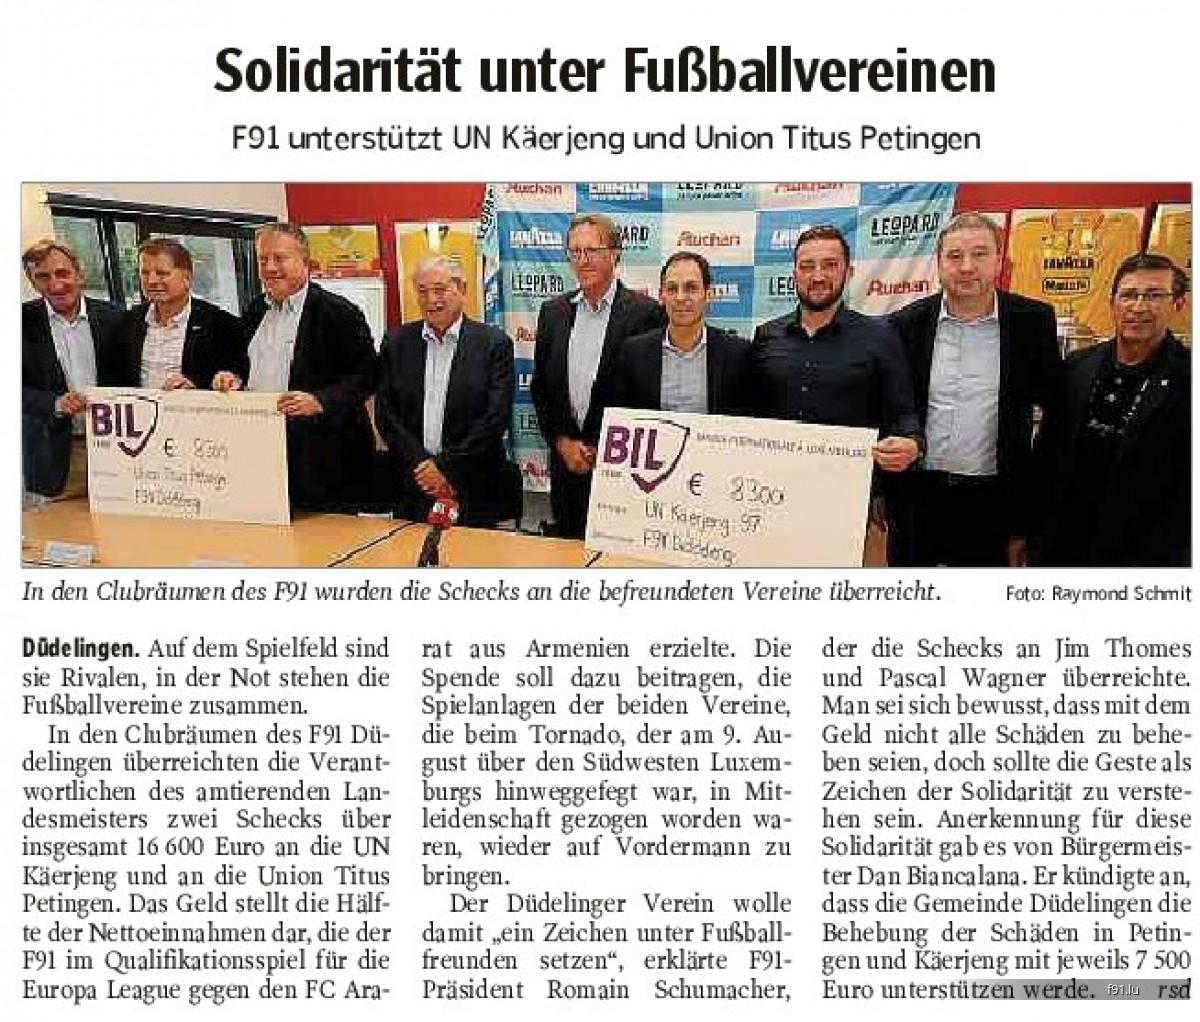 Solidarität unter Fussballvereinen